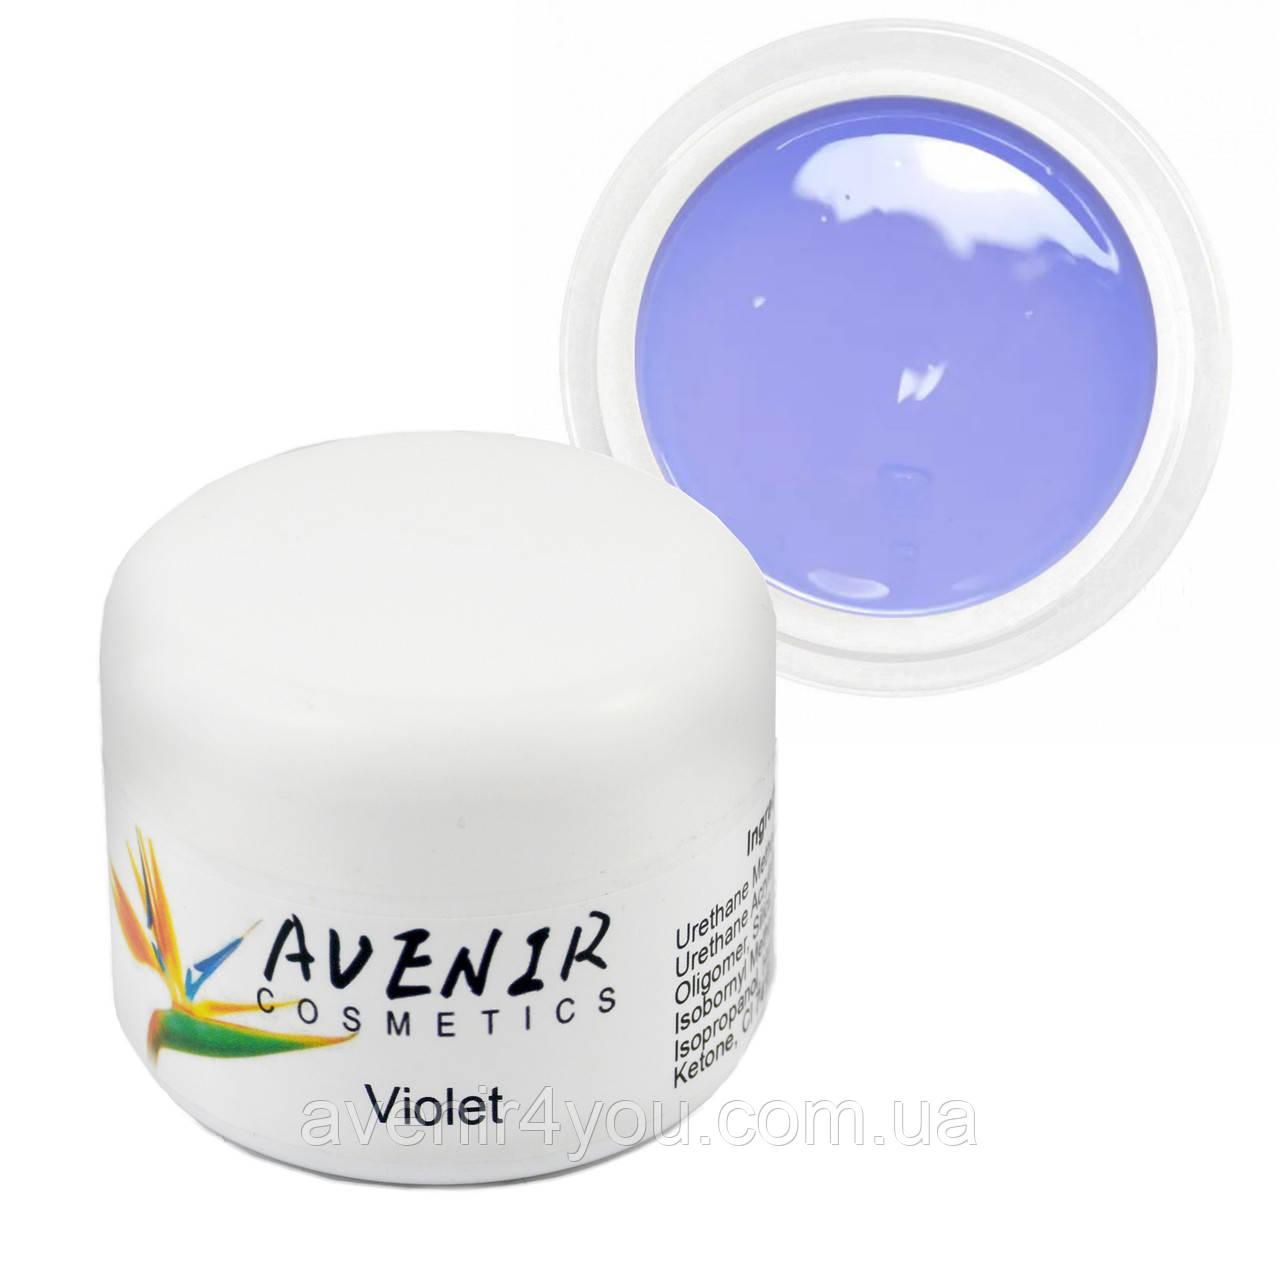 Гель для наращивания Violet Avenir 15 мл